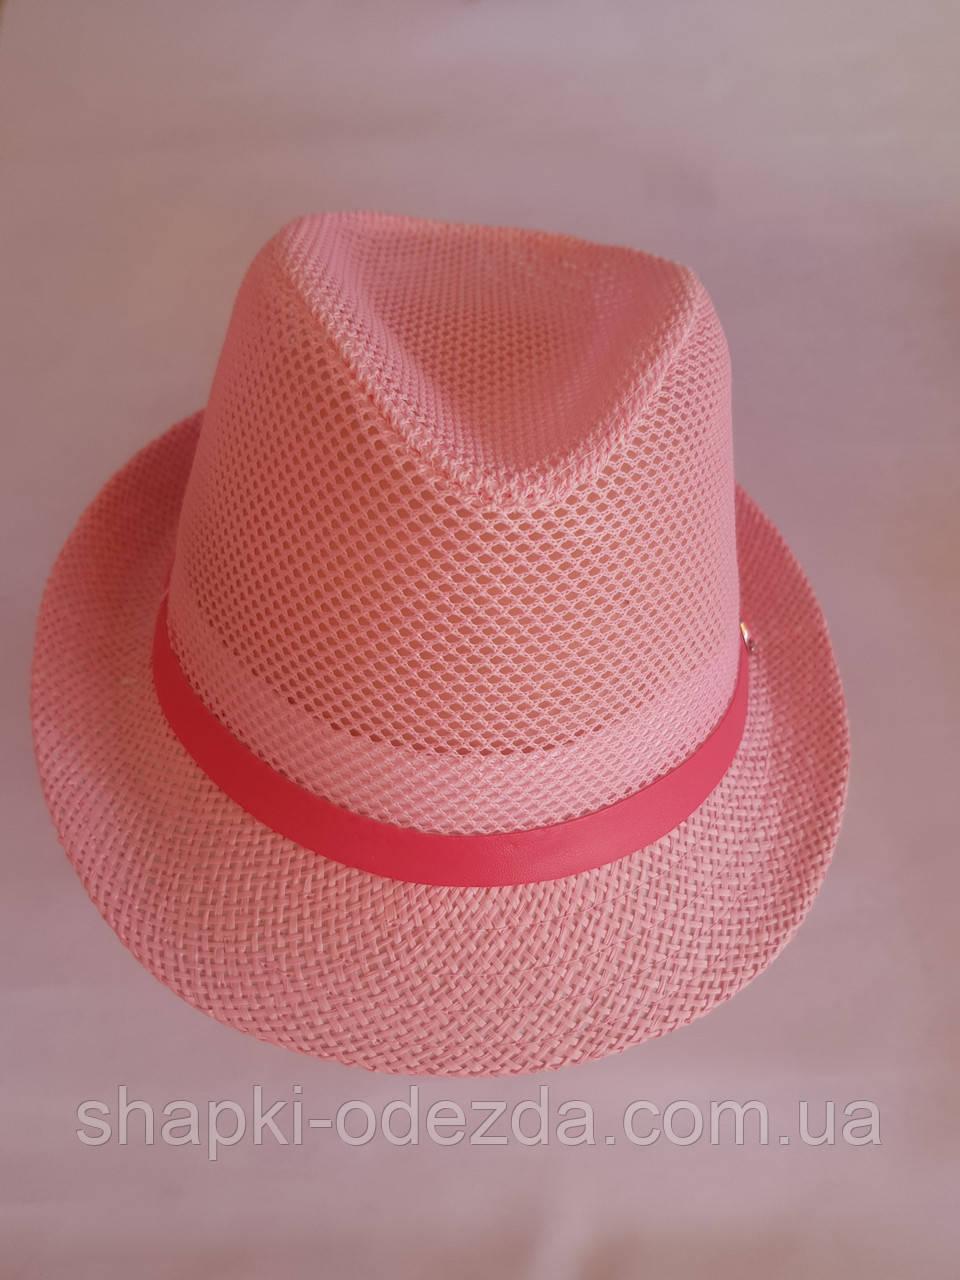 Шляпа молодежная челентано Размер  52,54